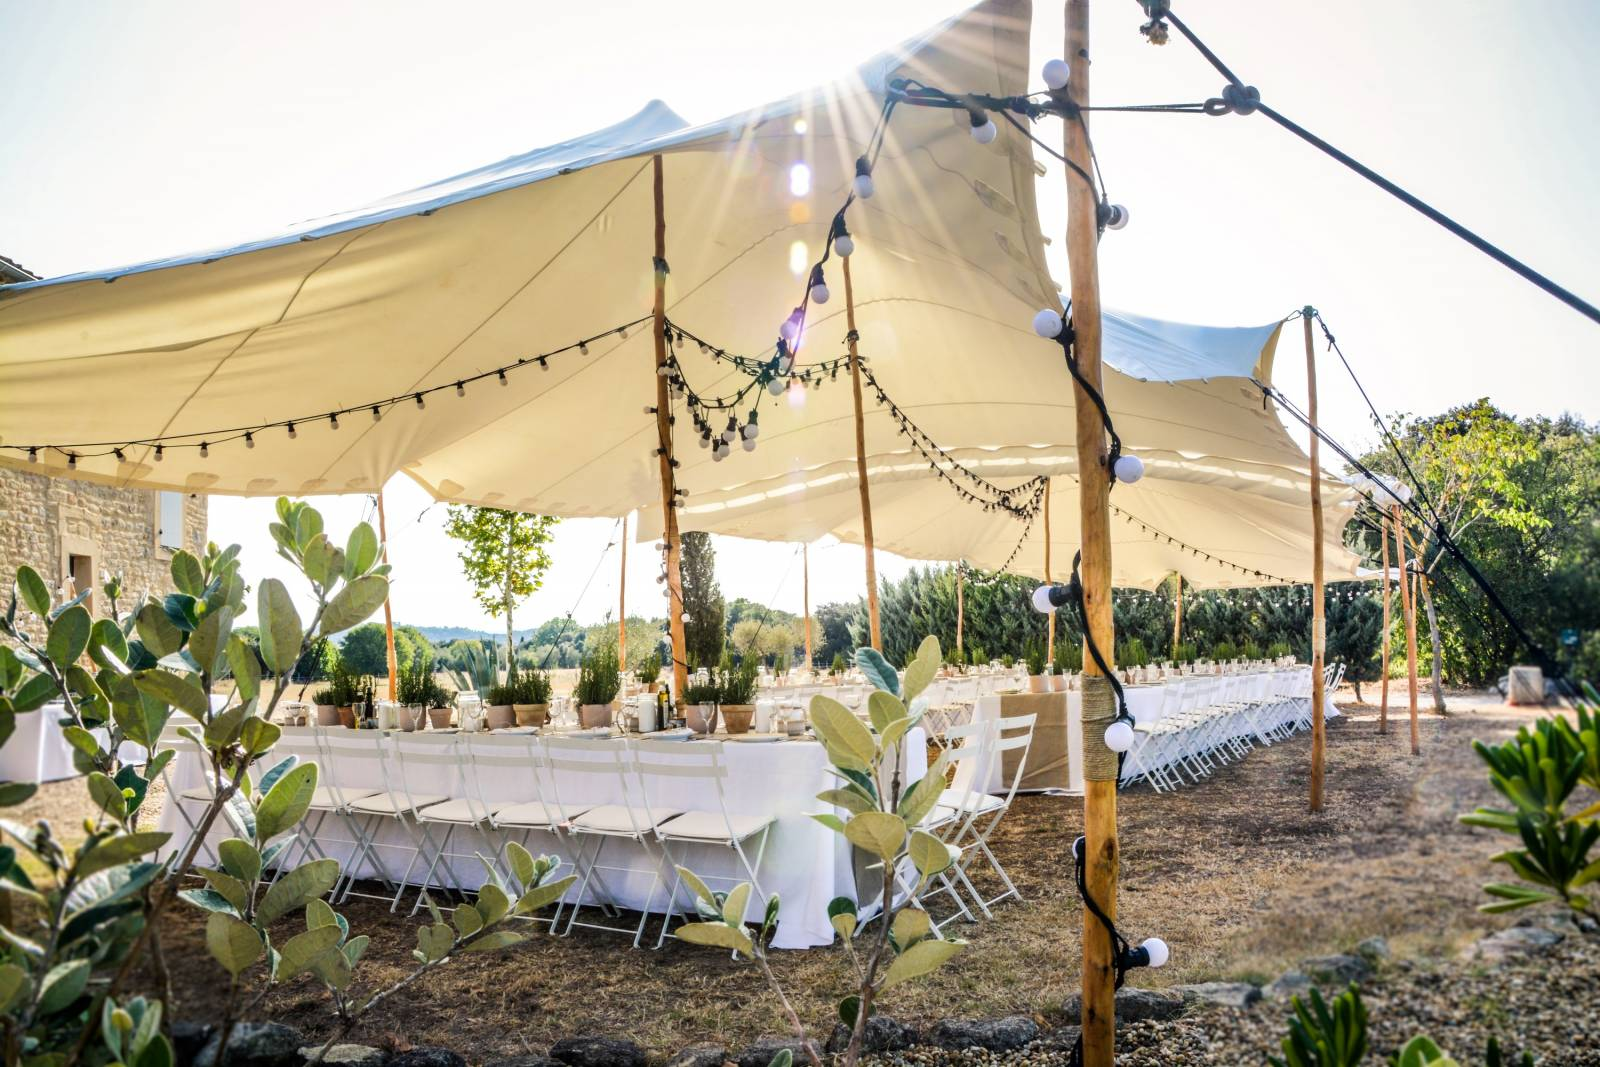 huwelijk frankrijk provence tent ceremonie decoratie bloemen (12)